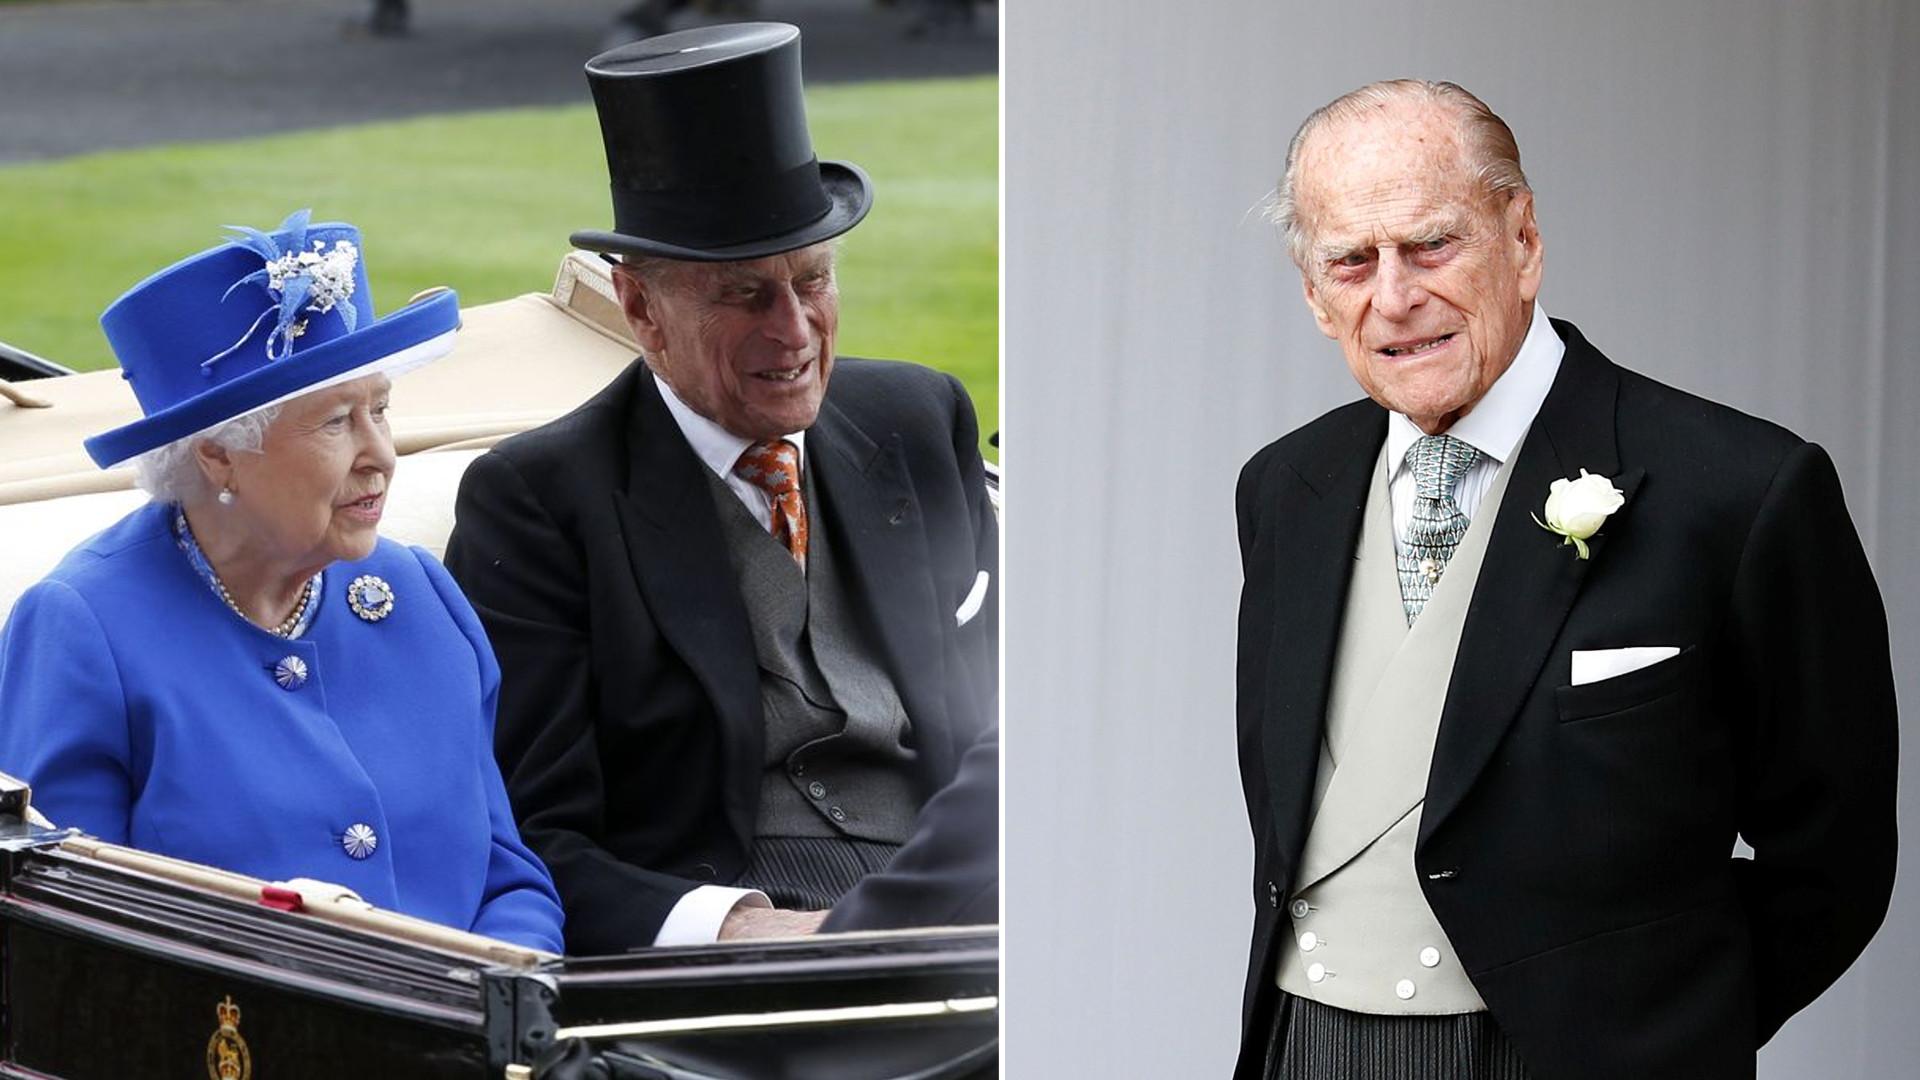 Książę Filip ma problemy zdrowotne i trafił do szpitala! Pałac Buckingham wydał oświadczenie w tej sprawie